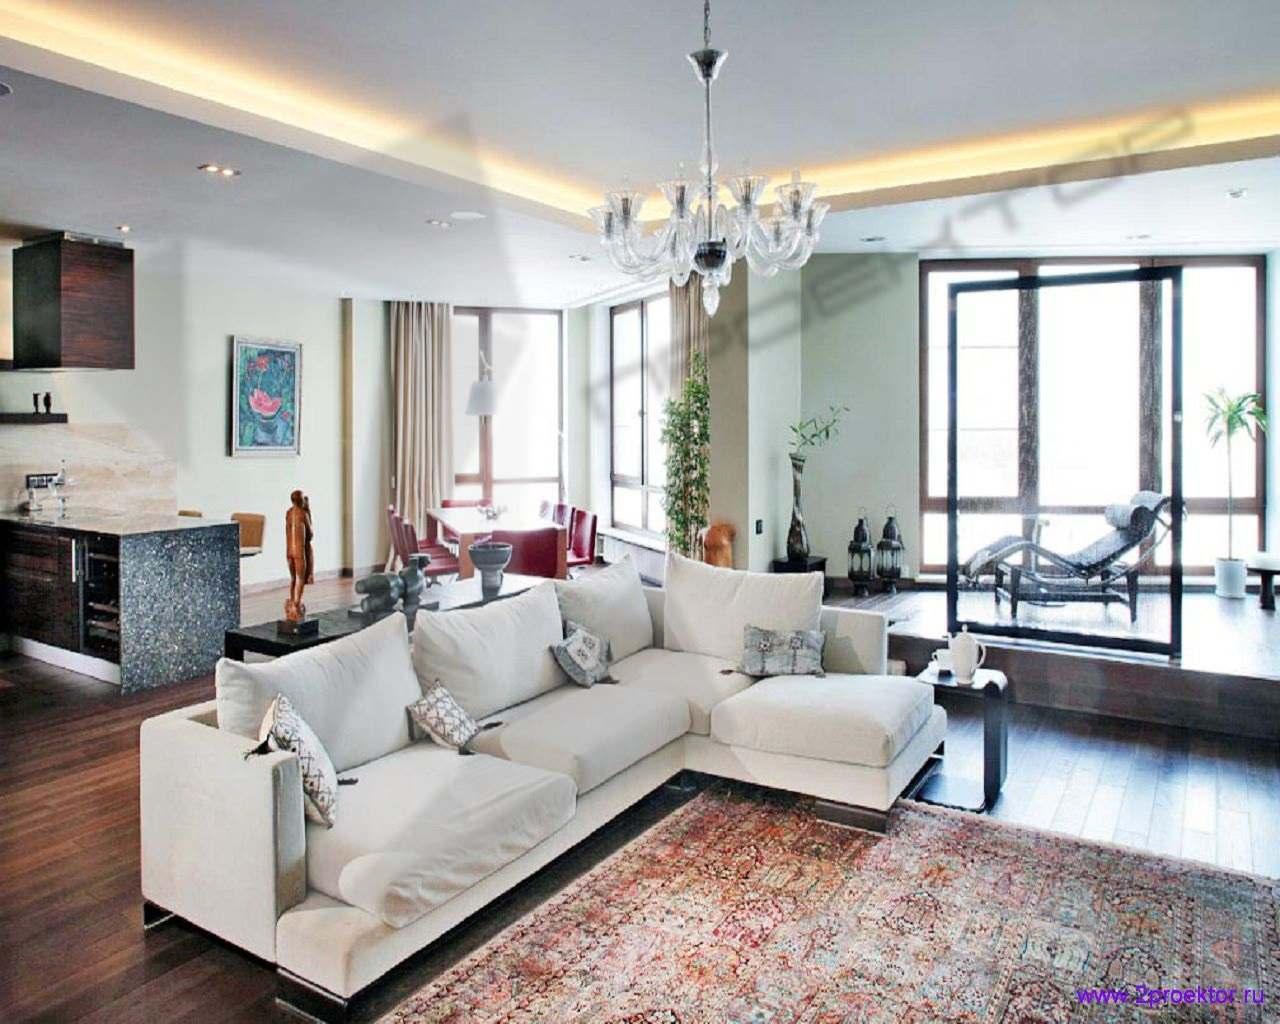 Стильный дизайн гостиной с панорамными окнами в Жилом комплексе Аэробус.